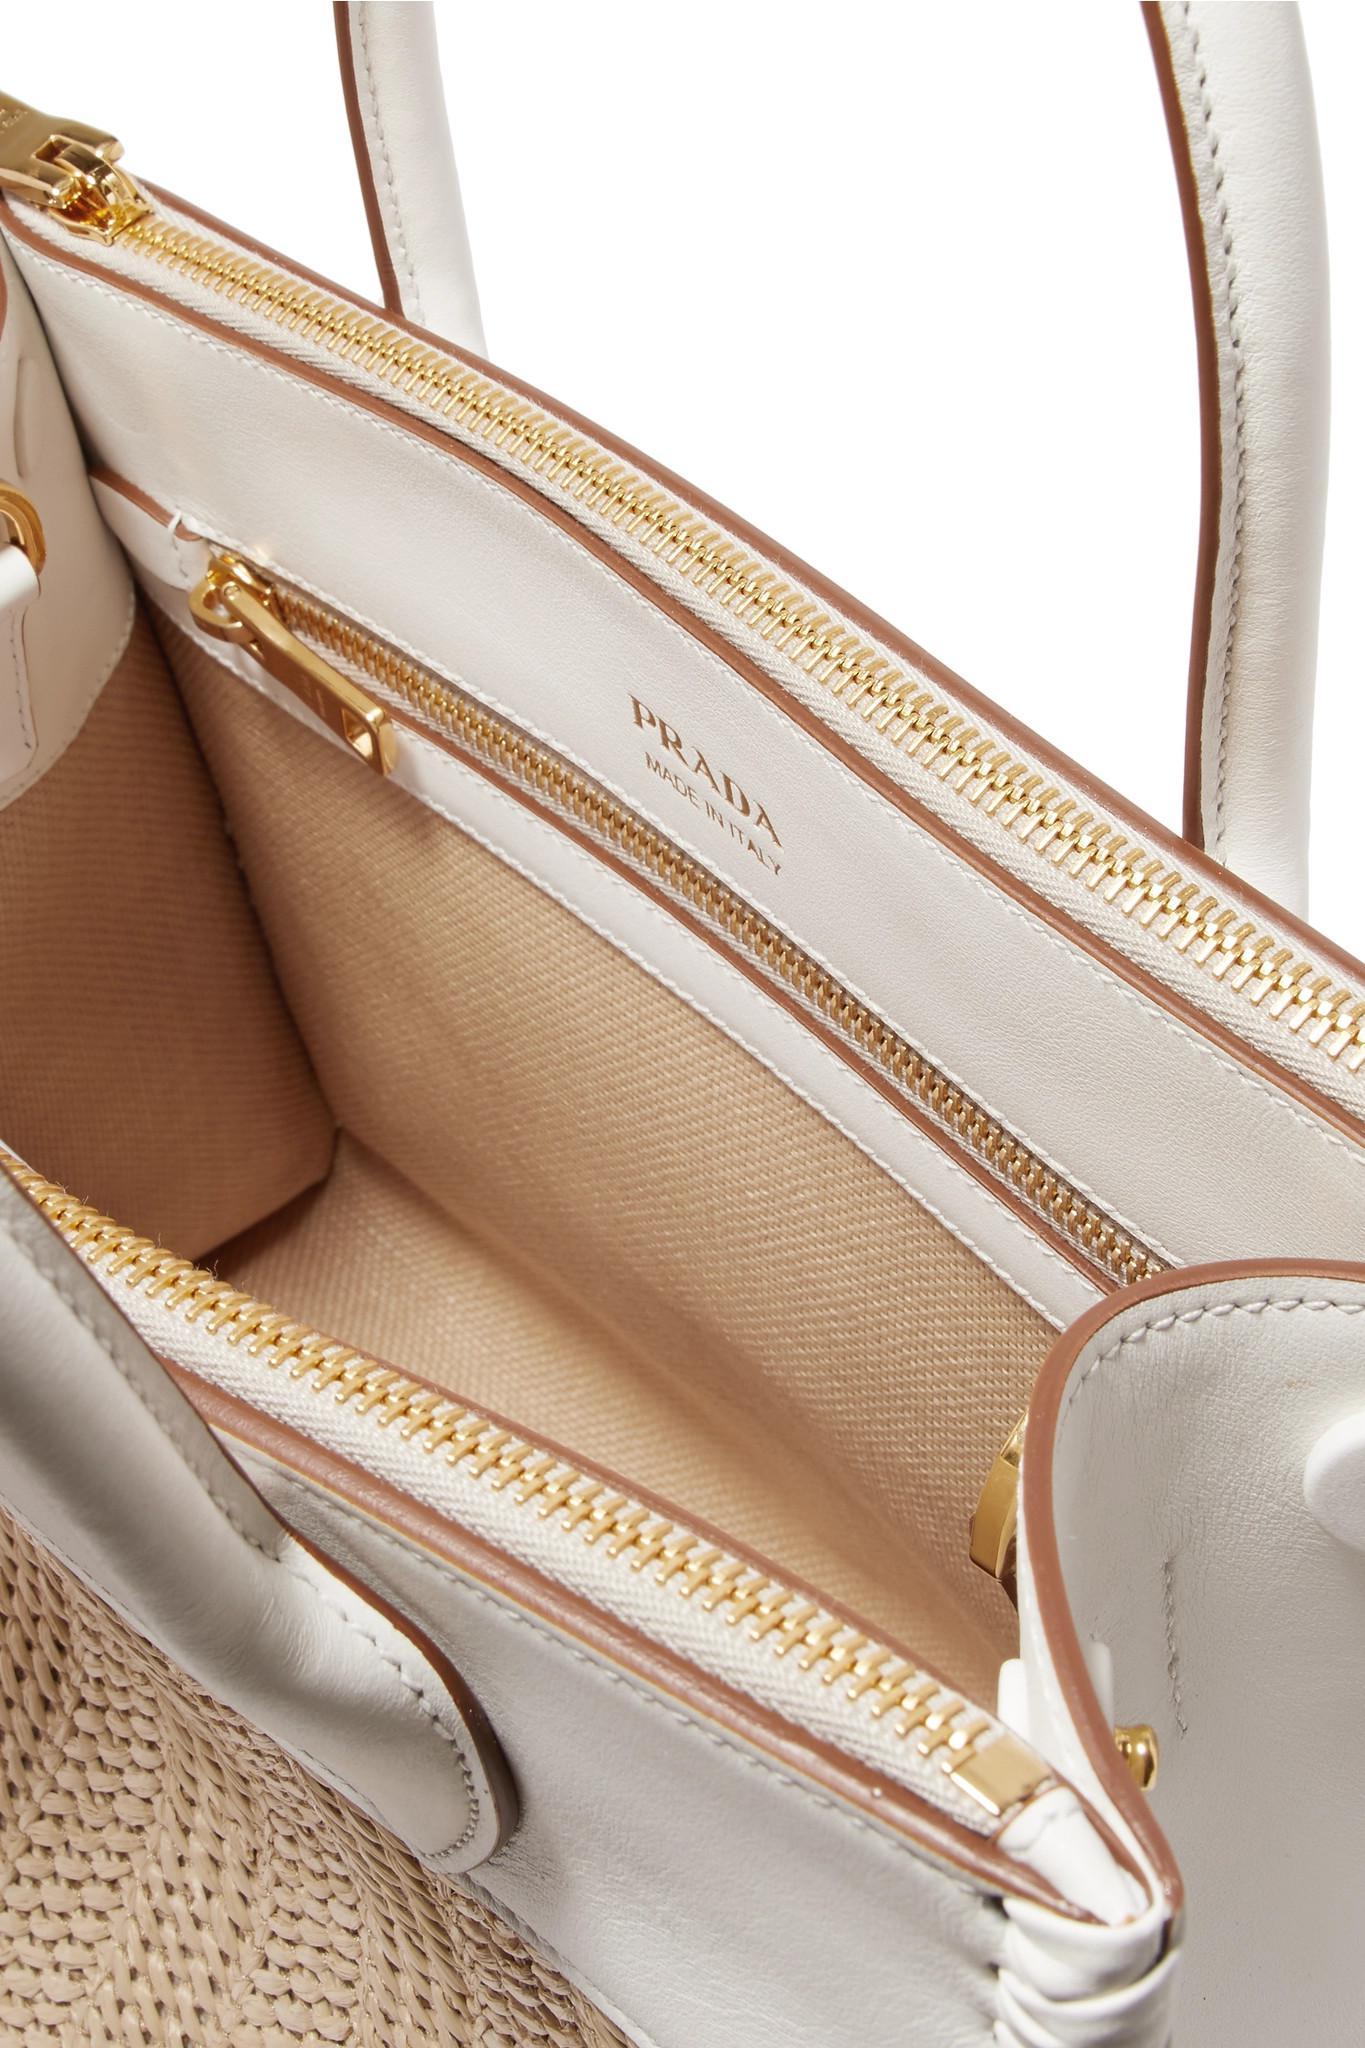 735365370f7e Prada Paradigme Medium Raffia And Leather Tote in White - Lyst